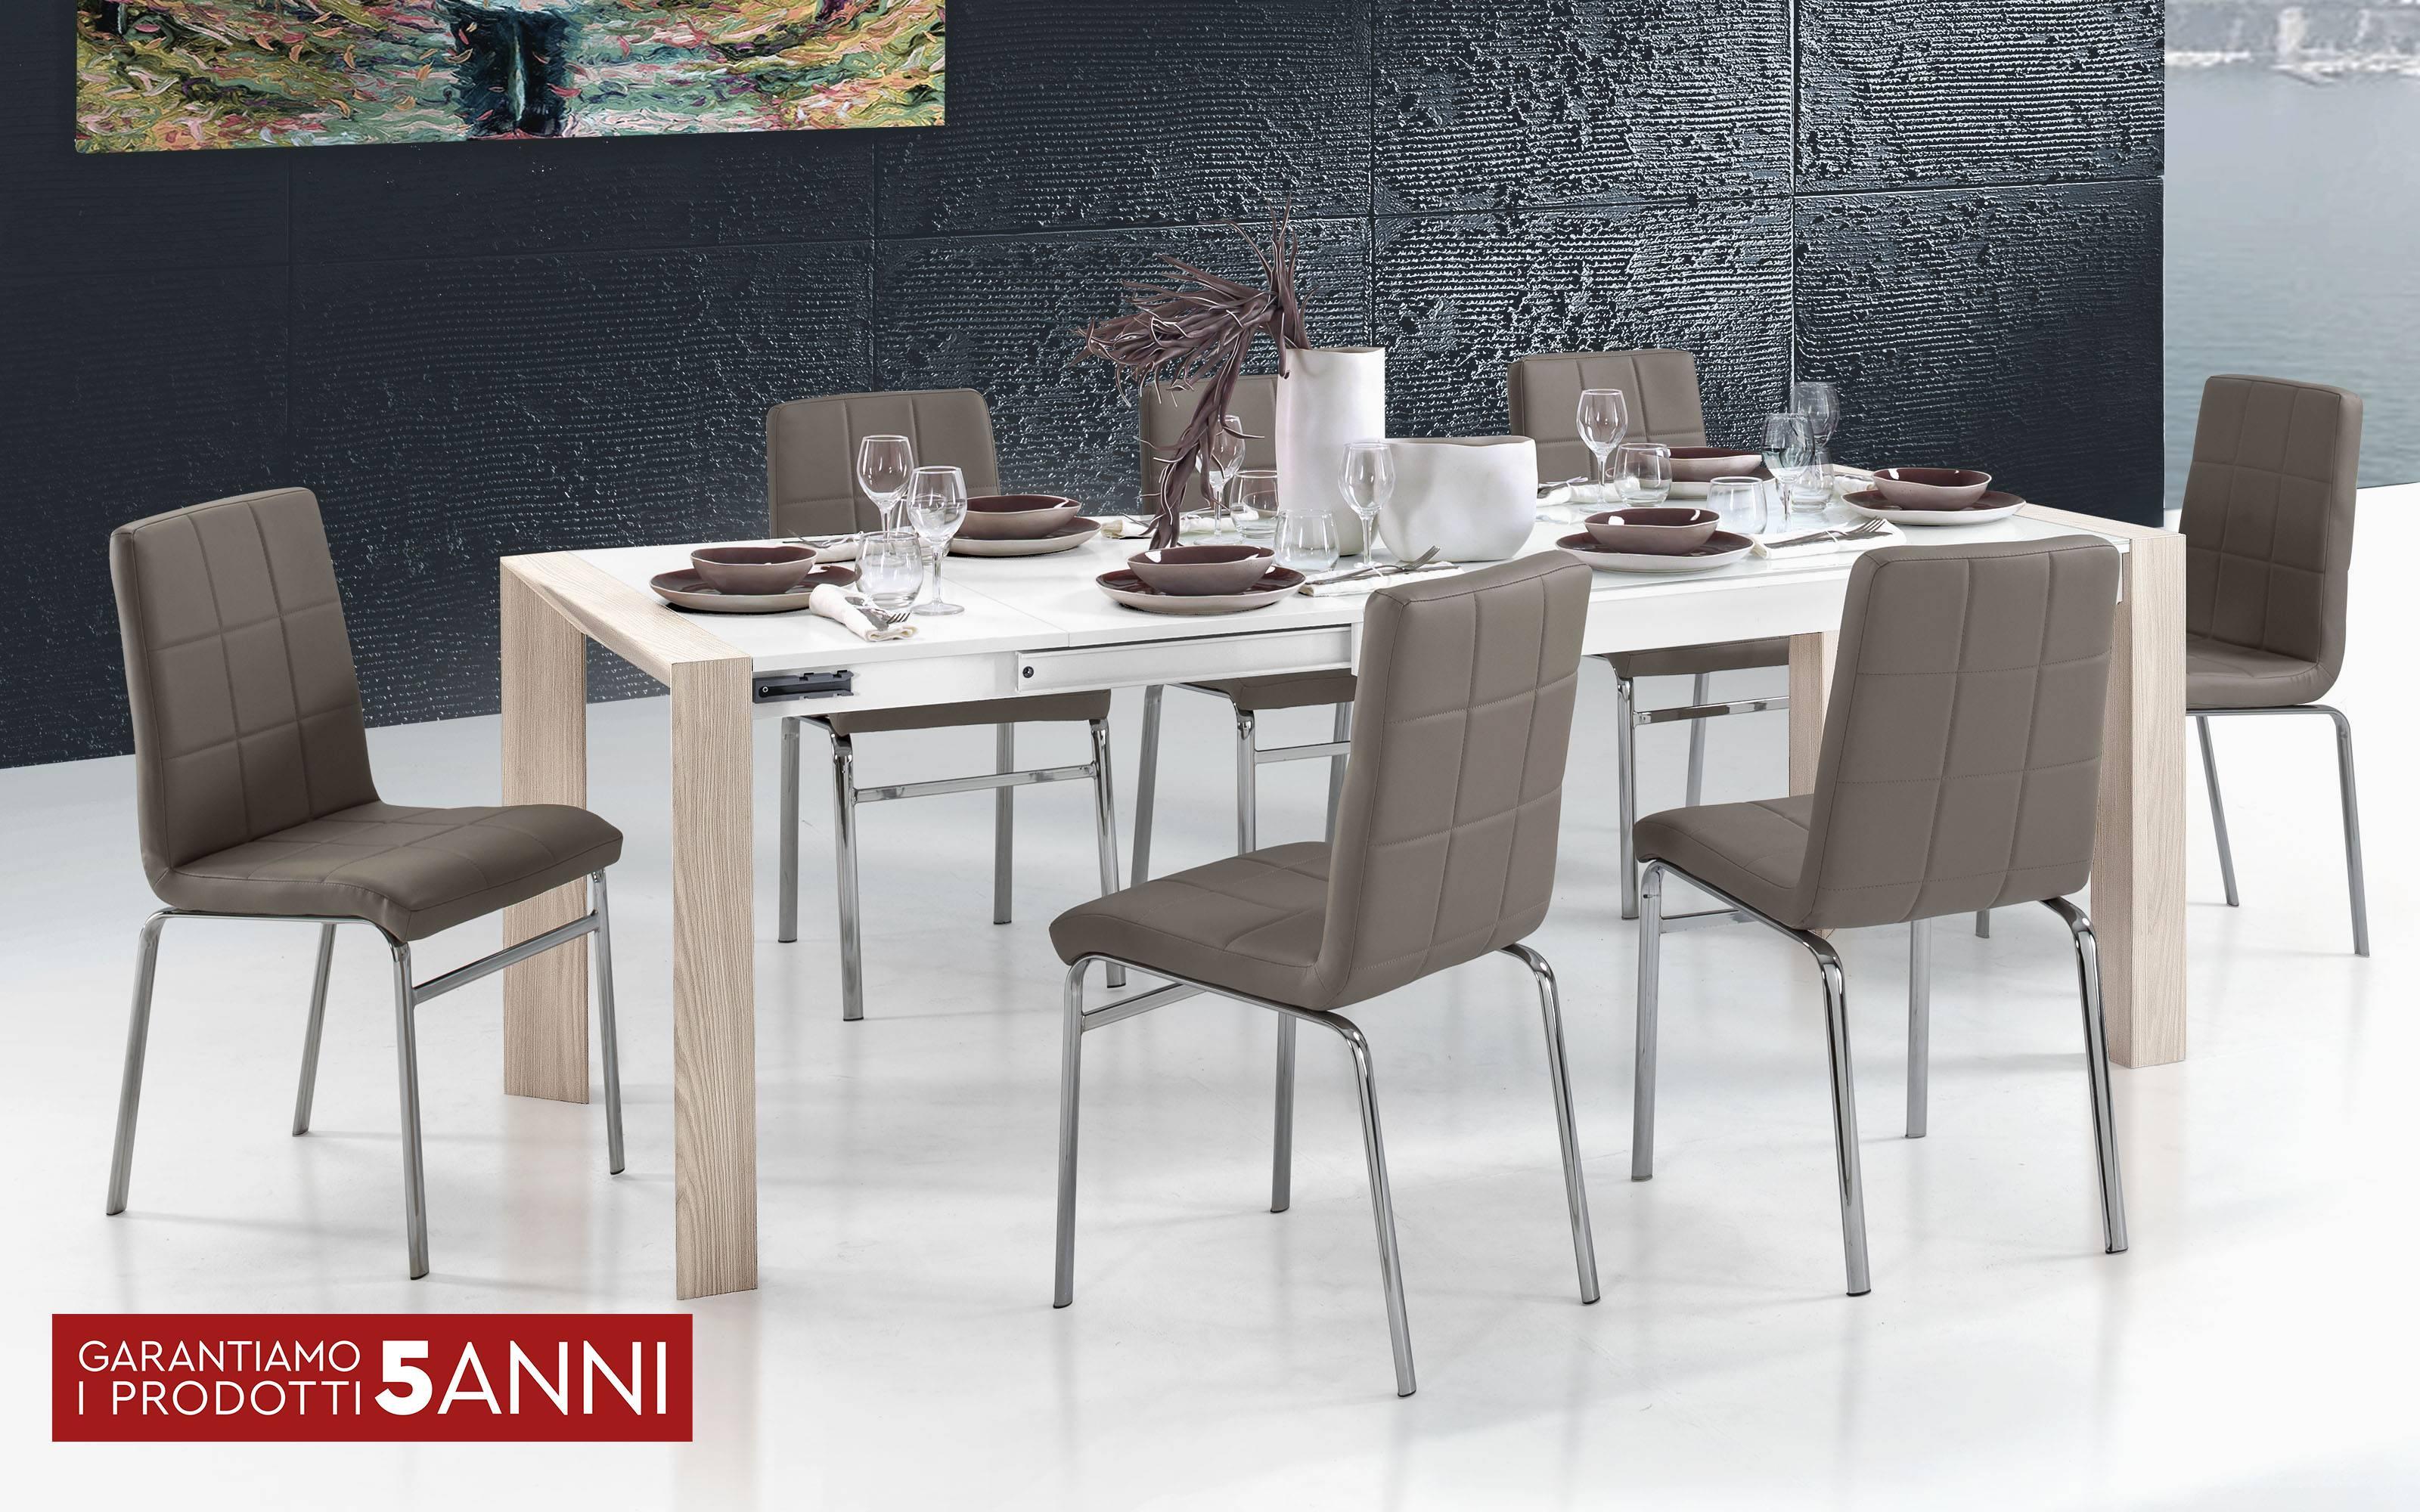 Tavolo In Vetro Bianco Allungabile.Tavolo Allungabile Effetto Olmo Perla Vetro Bianco Cm 160 X 90 X 75h